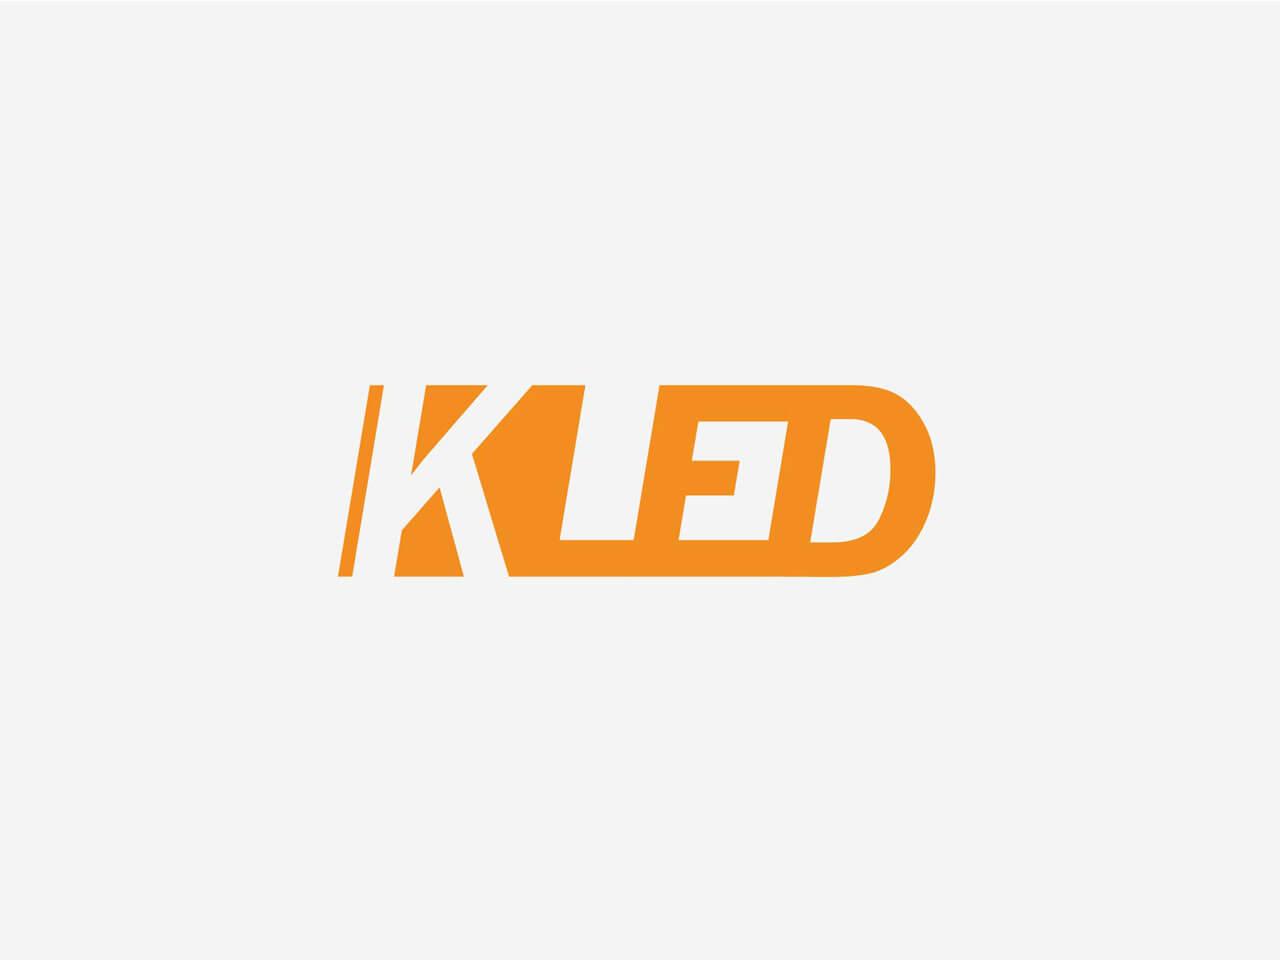 KLED Logo